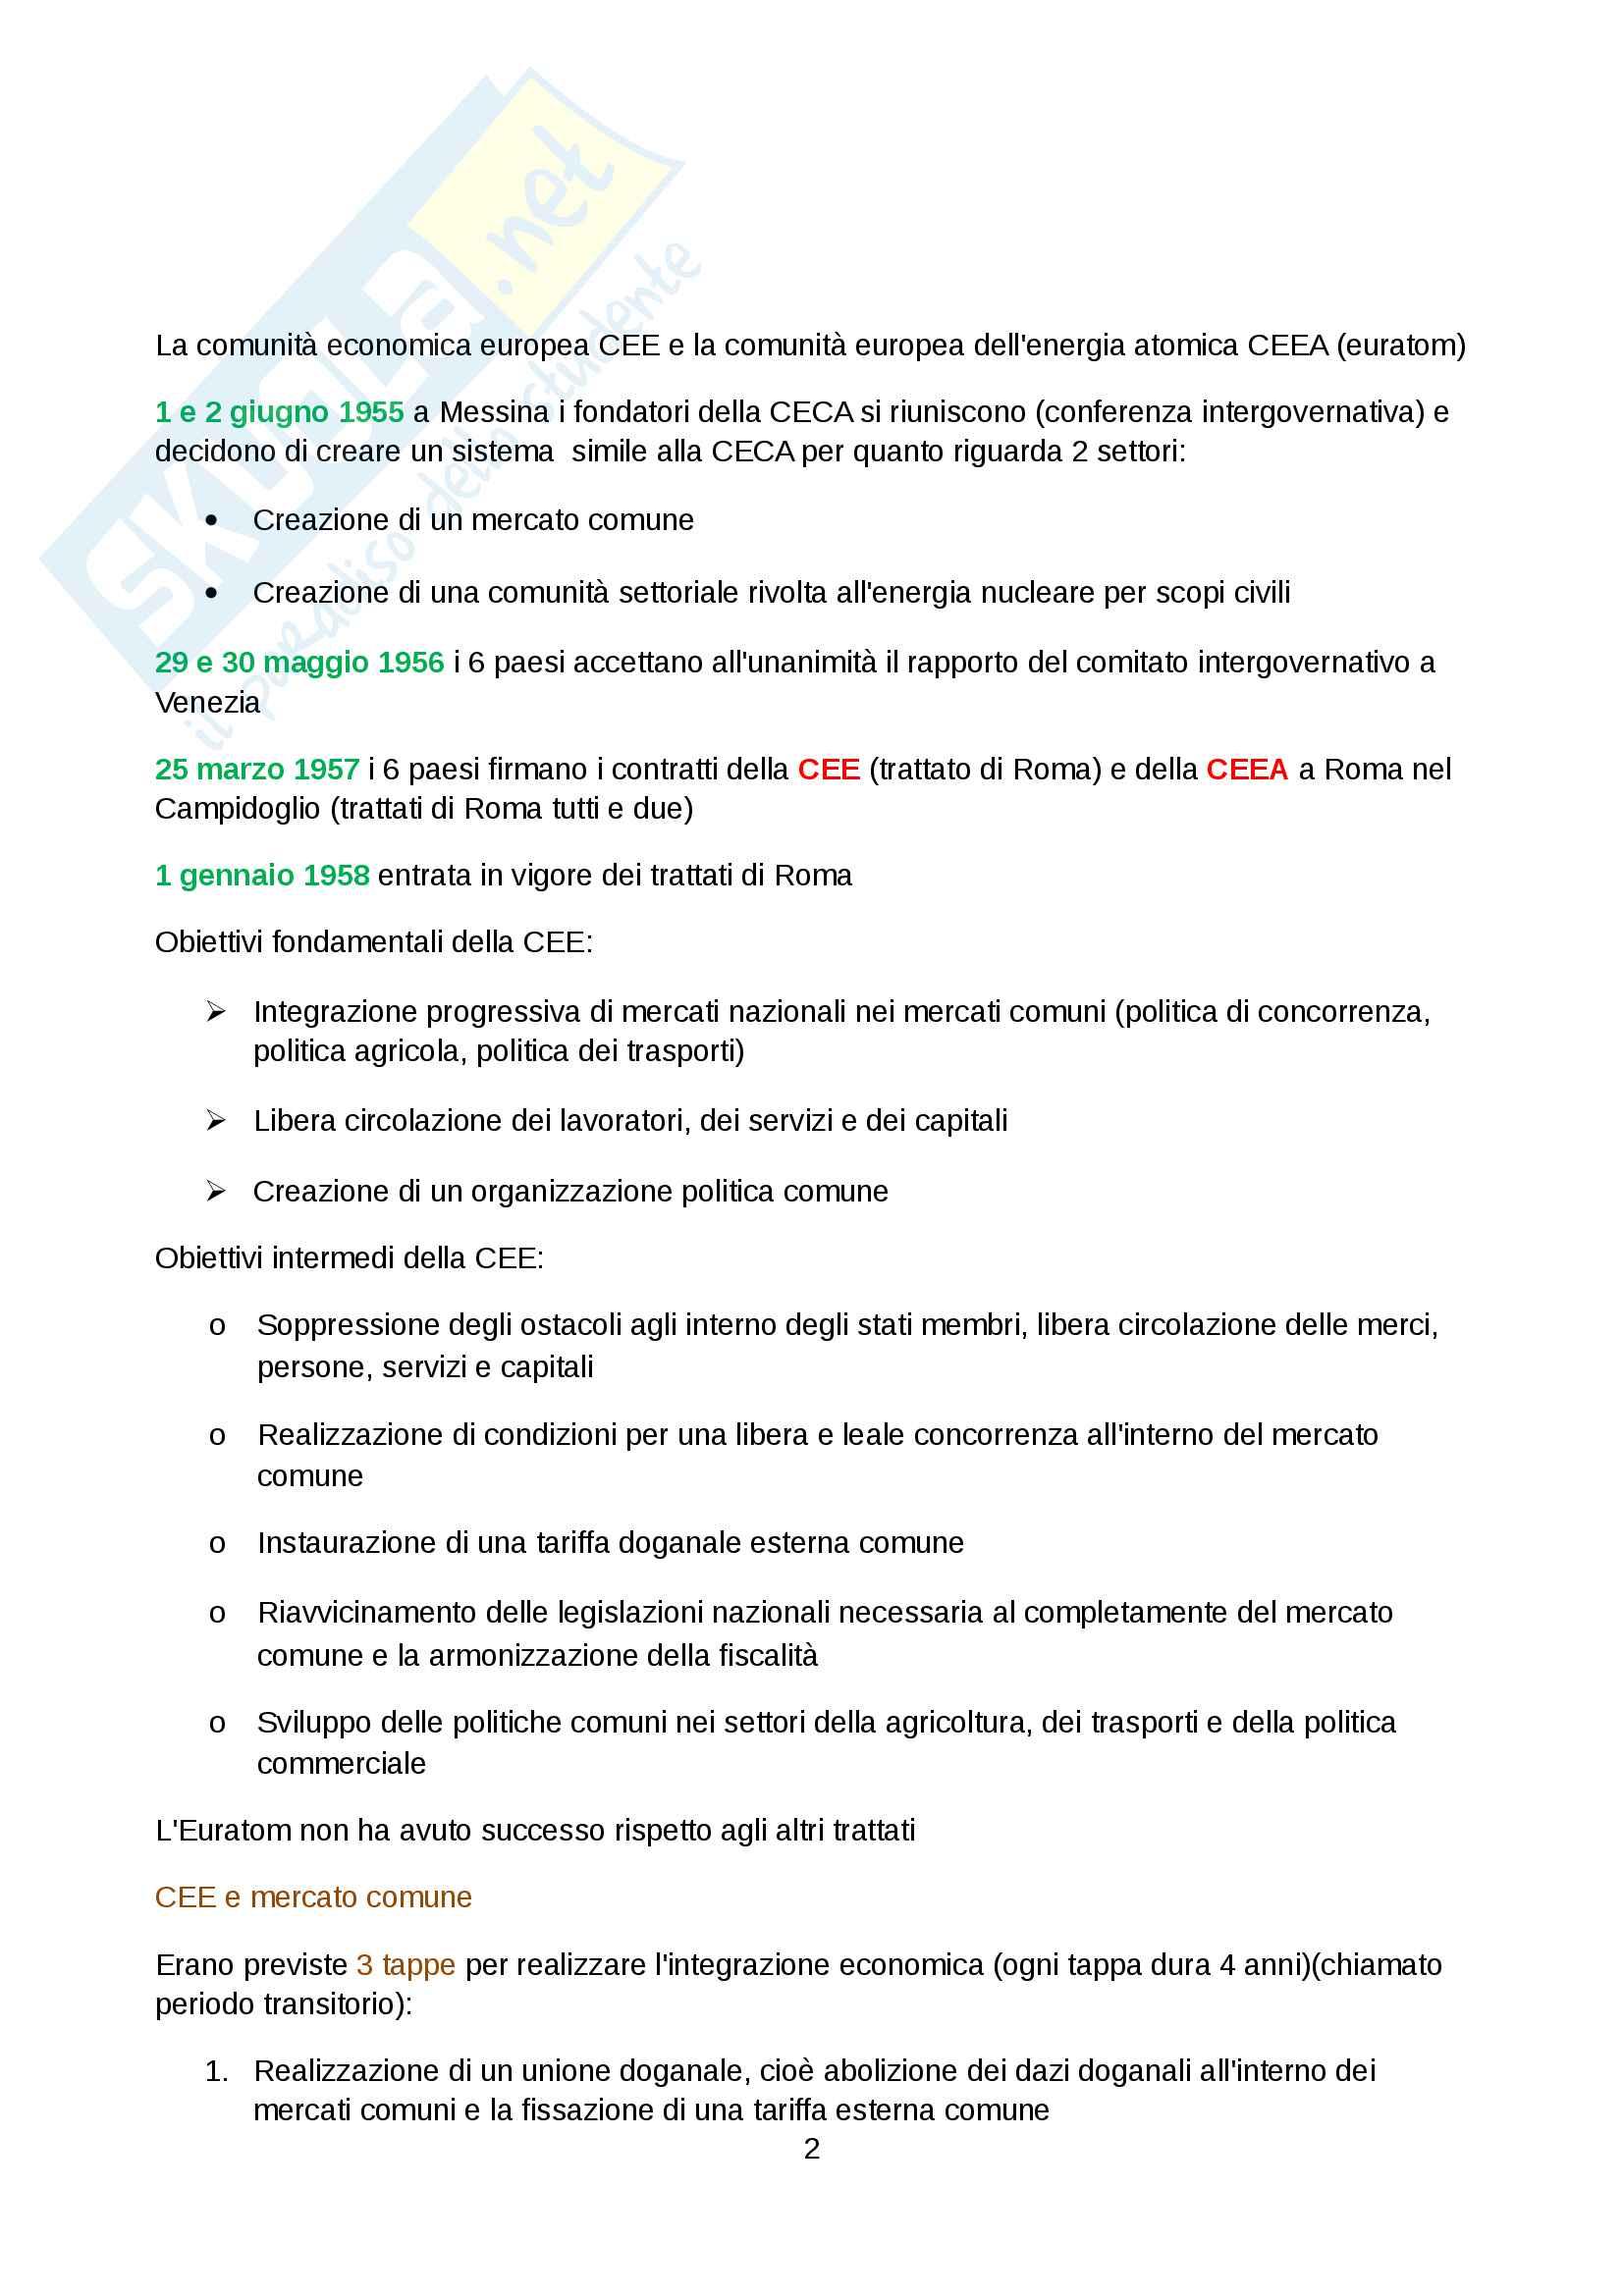 Riassunto esame diritto dell'unione europea Pag. 2